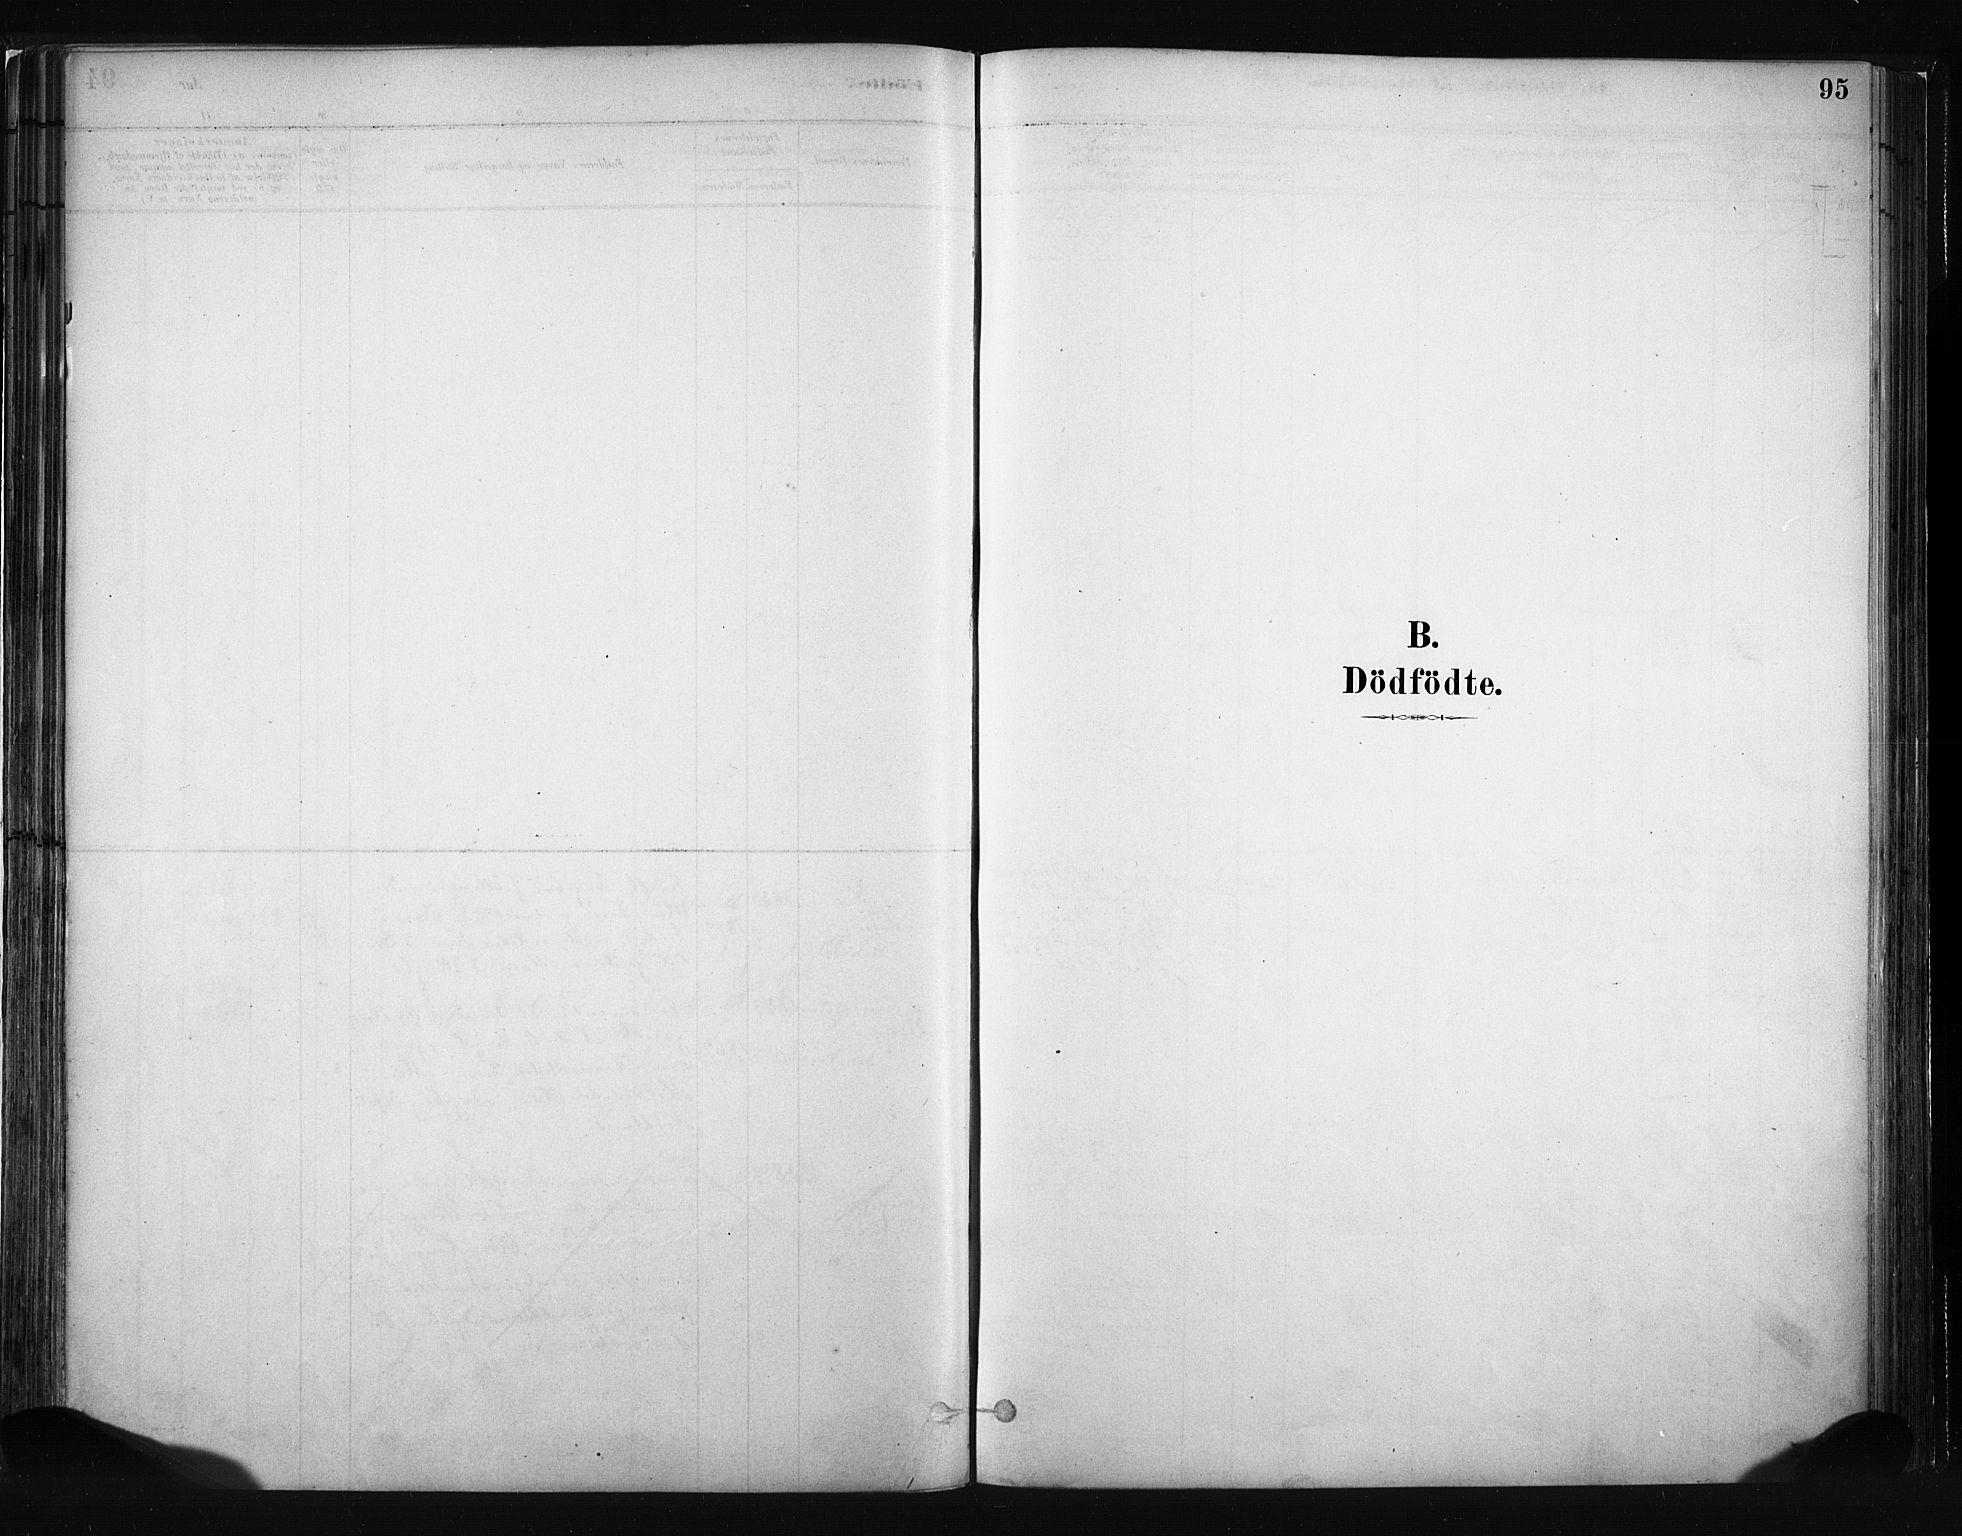 SAH, Vang prestekontor, Valdres, Ministerialbok nr. 8, 1882-1910, s. 95